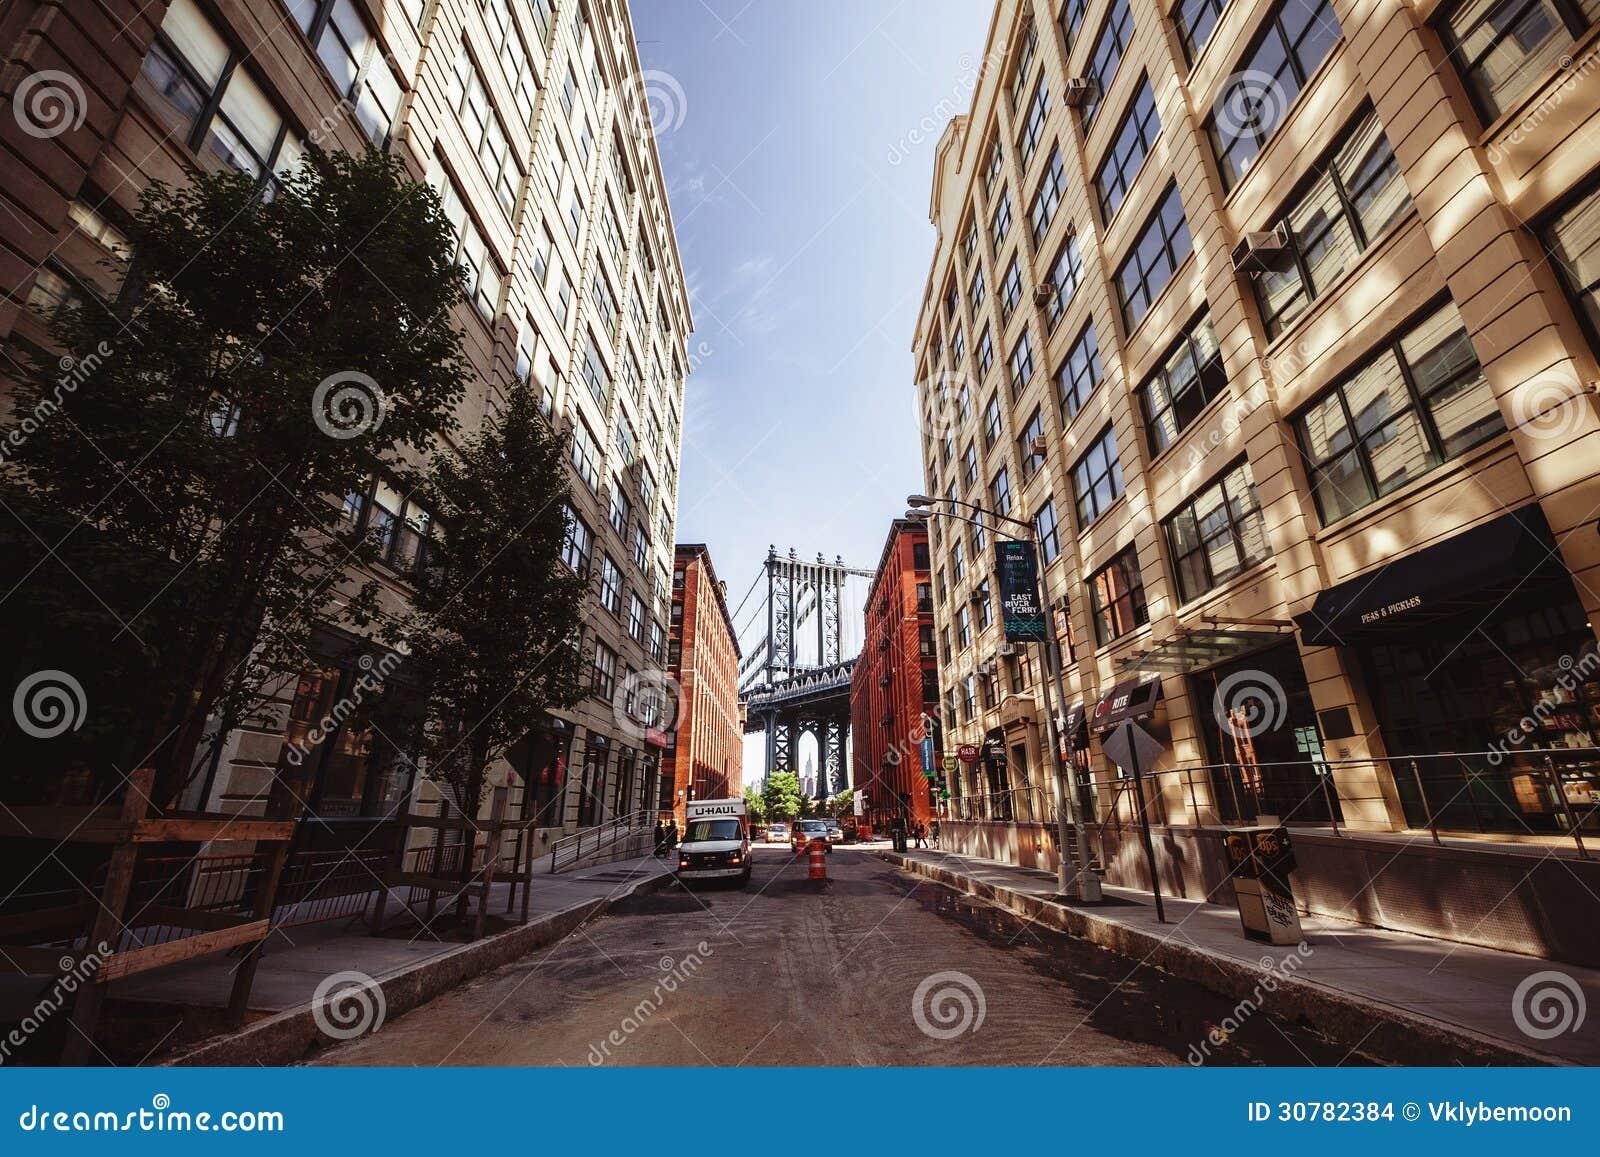 Brooklyn Dreams Street Dance Music Harmony And Rhythm